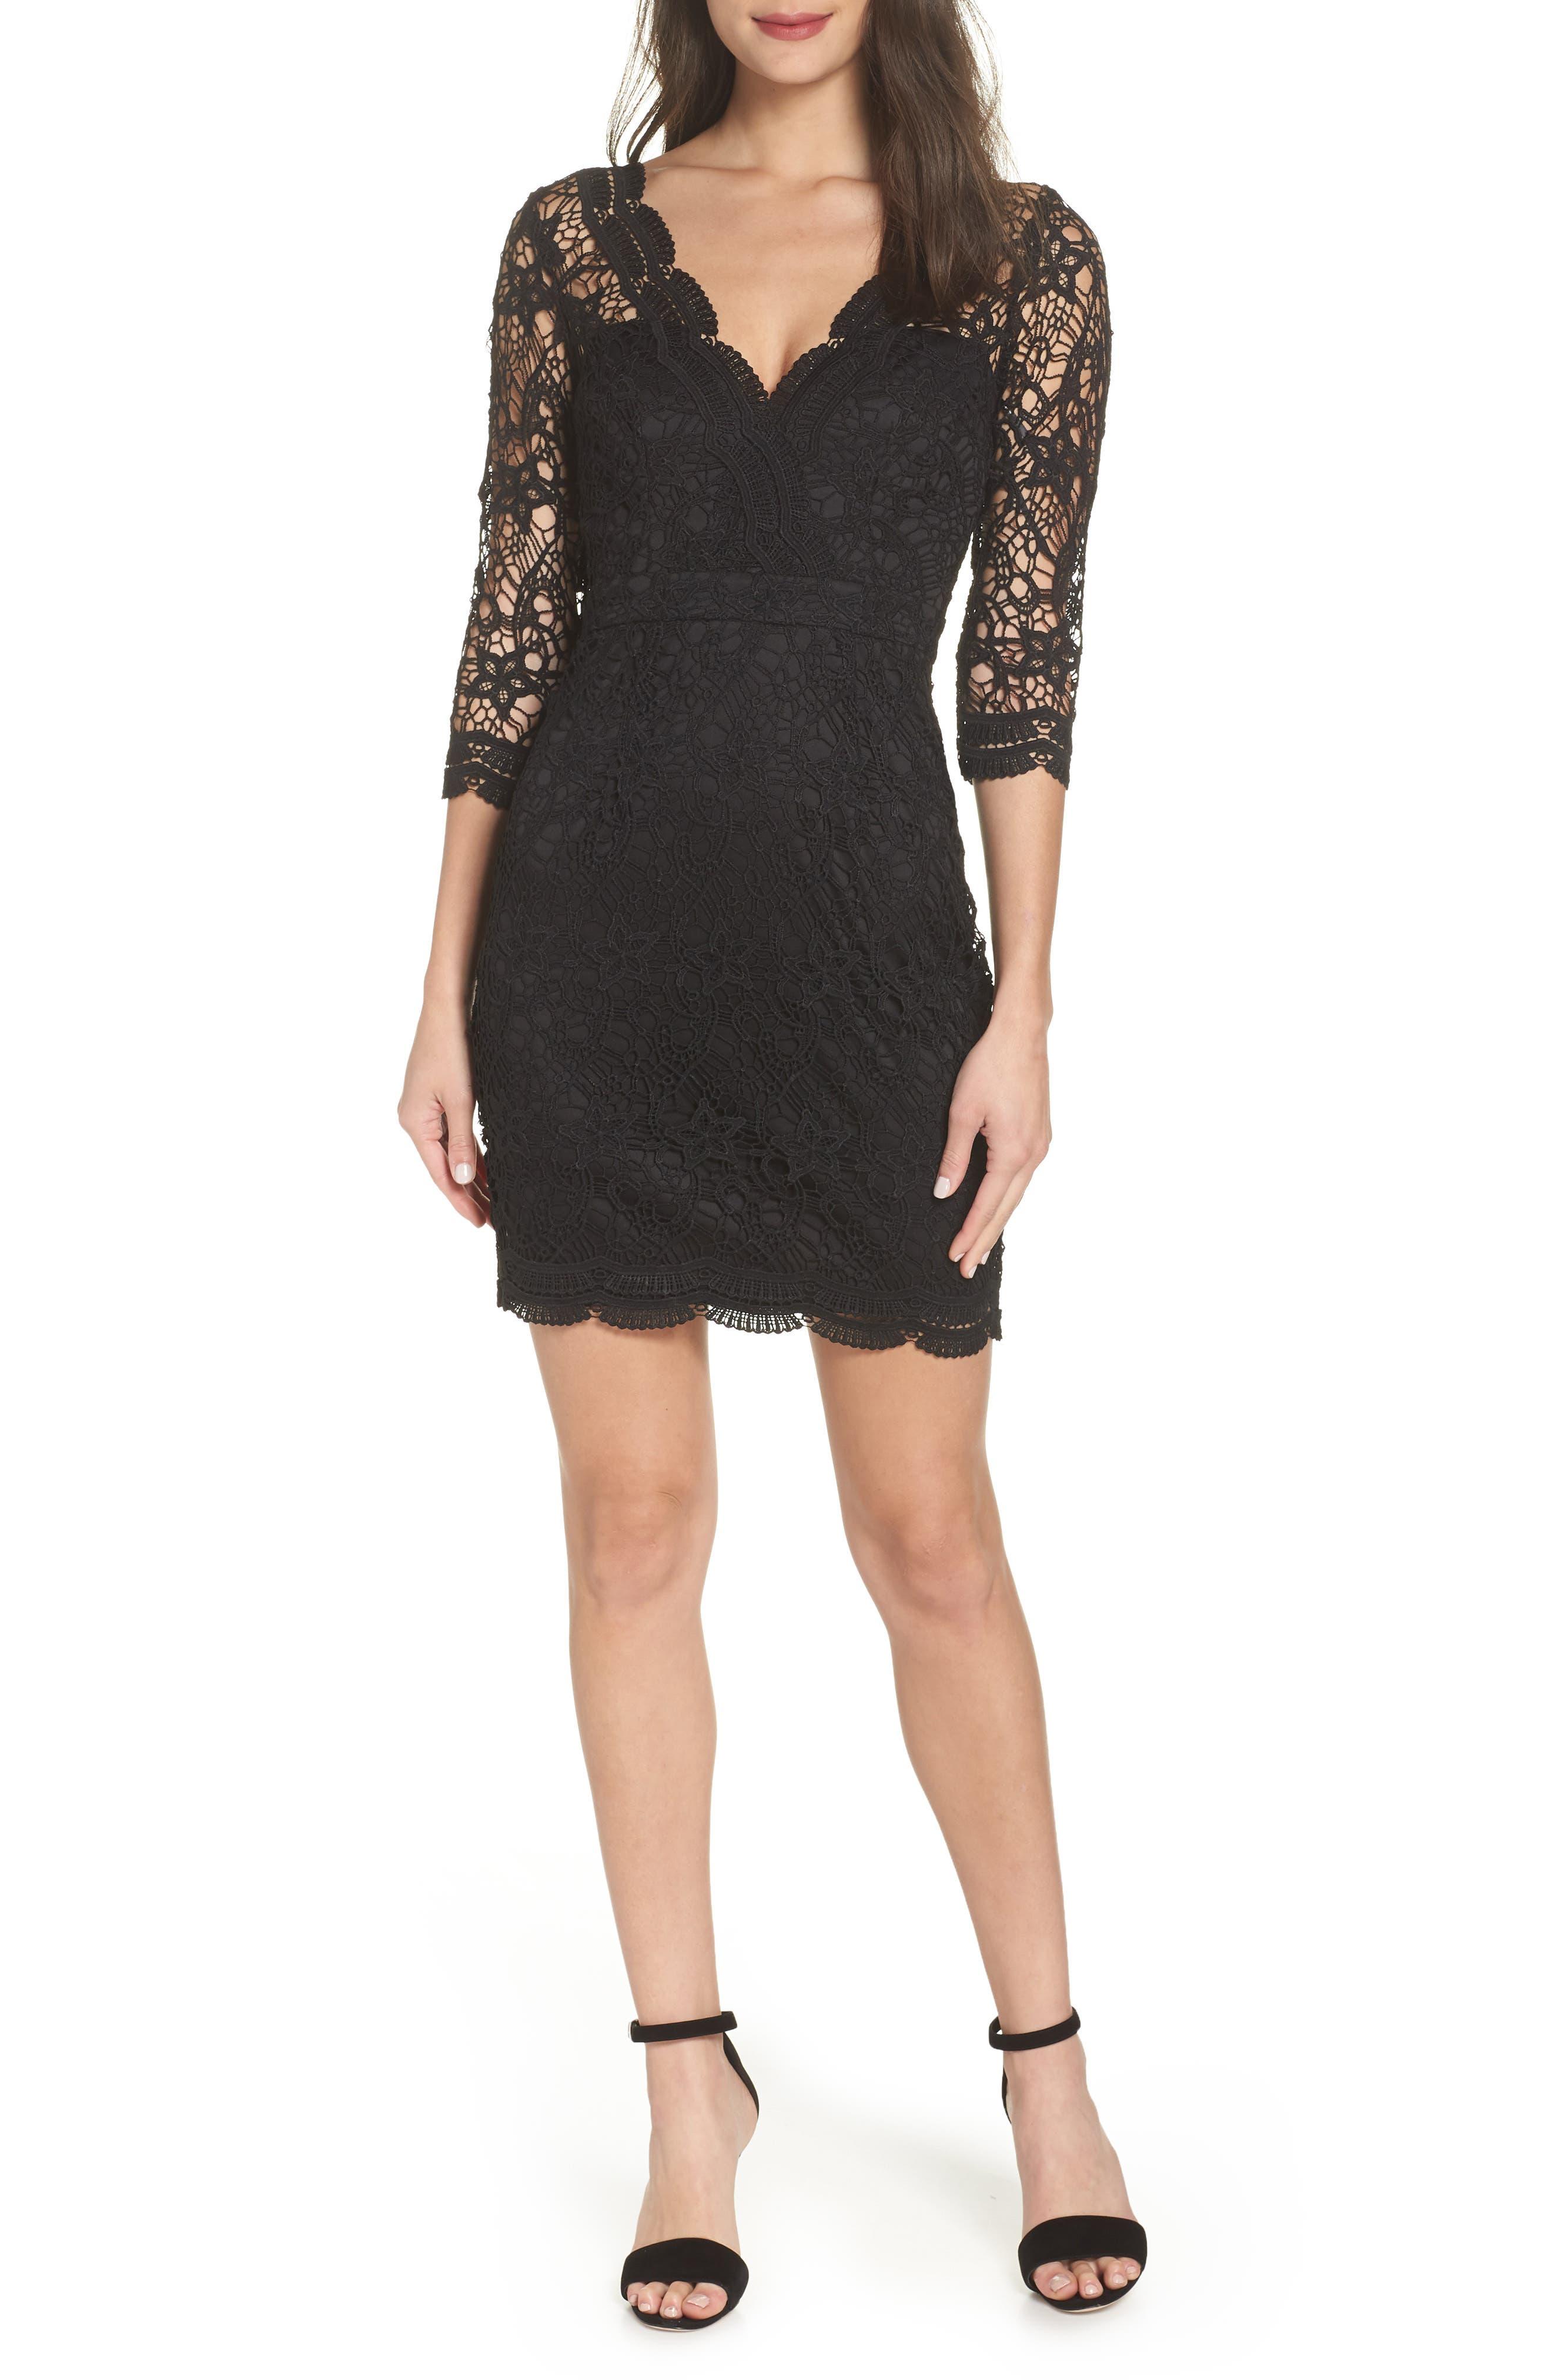 LULUS Lace Cocktail Dress, Main, color, BLACK